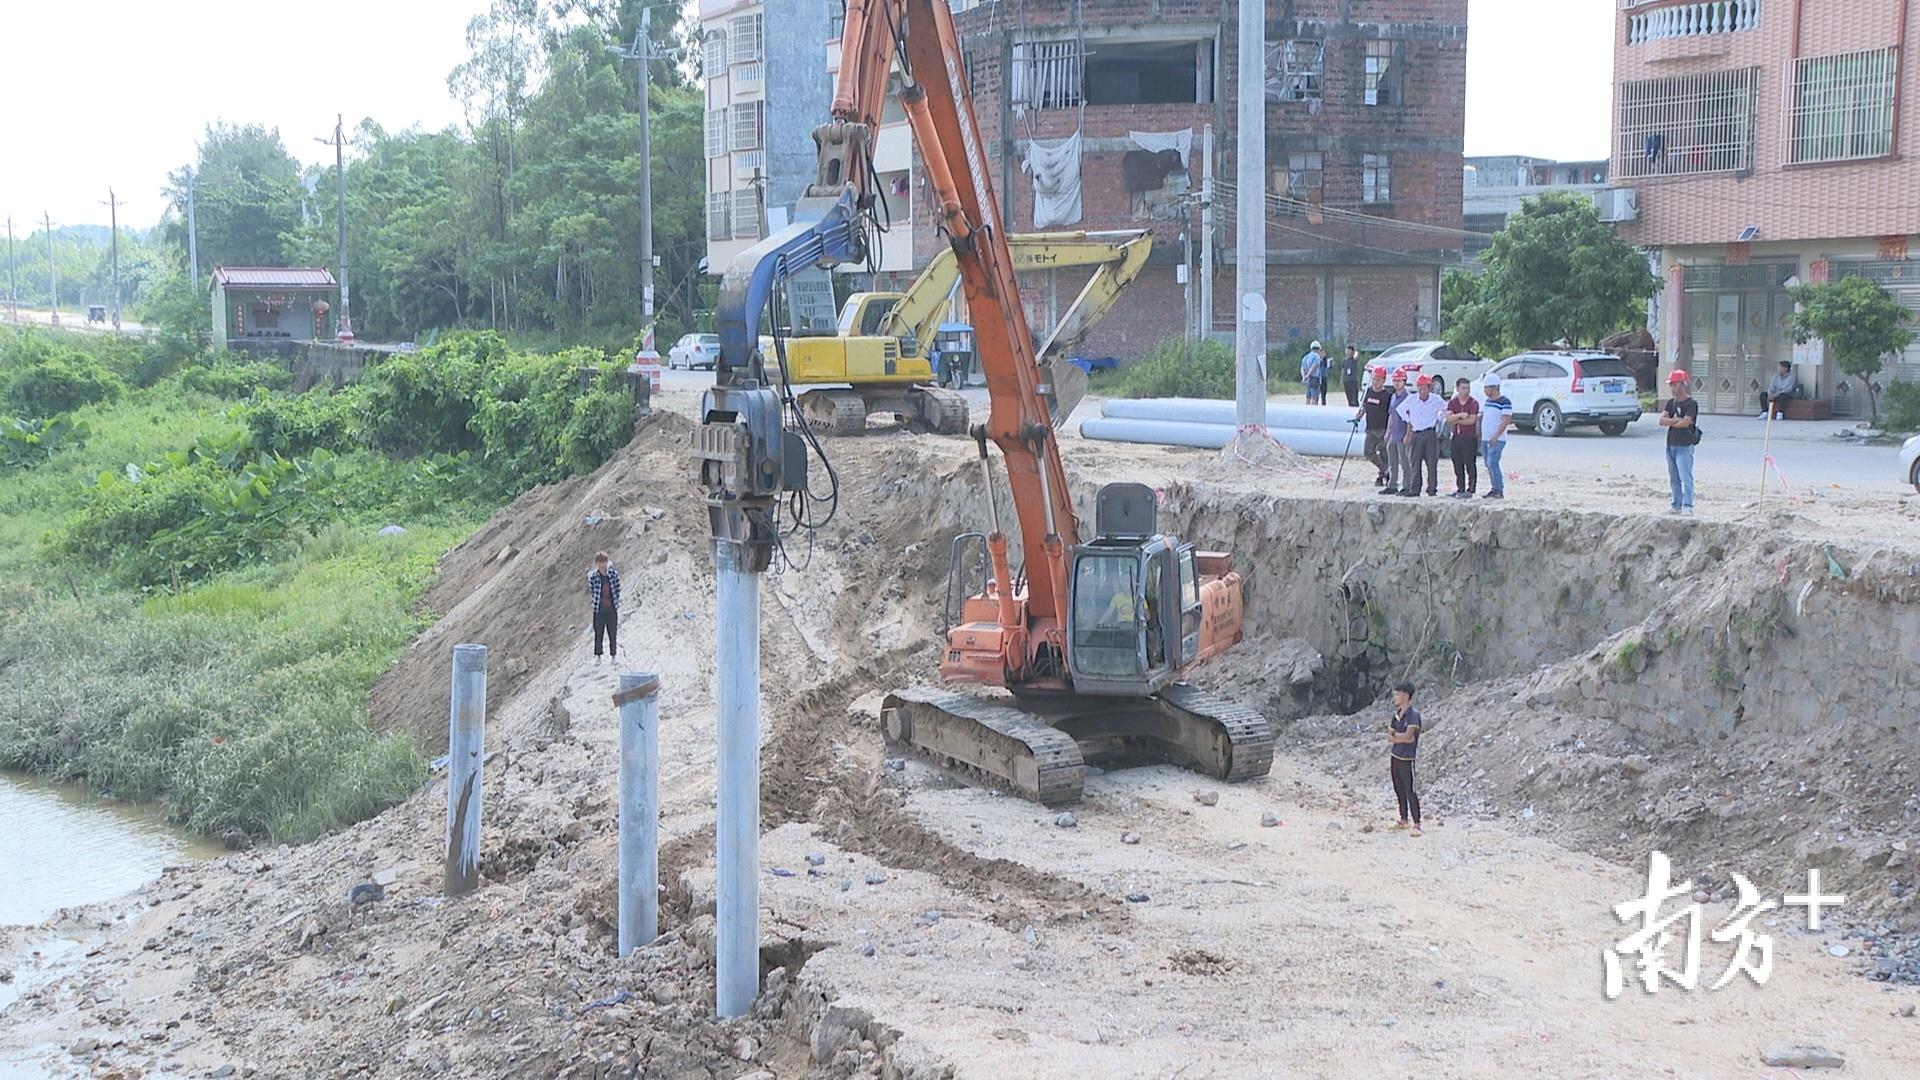 """丹江碧道总体提升建设项目属于阳西县重点项目大干120天项目之一,是丹江(织篢)万里碧道示范段项目的提升工程。""""我们在""""大干120天""""领导小组的领导下,针对这个项目水务局成立了碧道工程的领导小组,建好这个项目,第一可以对织篢河沿岸居民提供一个休闲娱乐的场所,还有对整个县打造一个景观提升作用,提高我们县的人民生活的幸福感。""""县水务局相关负责人表示,项目充分结合堤围工程和织篢河""""一河两岸""""现状进行规划设计,尽量结合现有生态,因地制宜地建设碧道,优化两岸防洪堤景观。"""